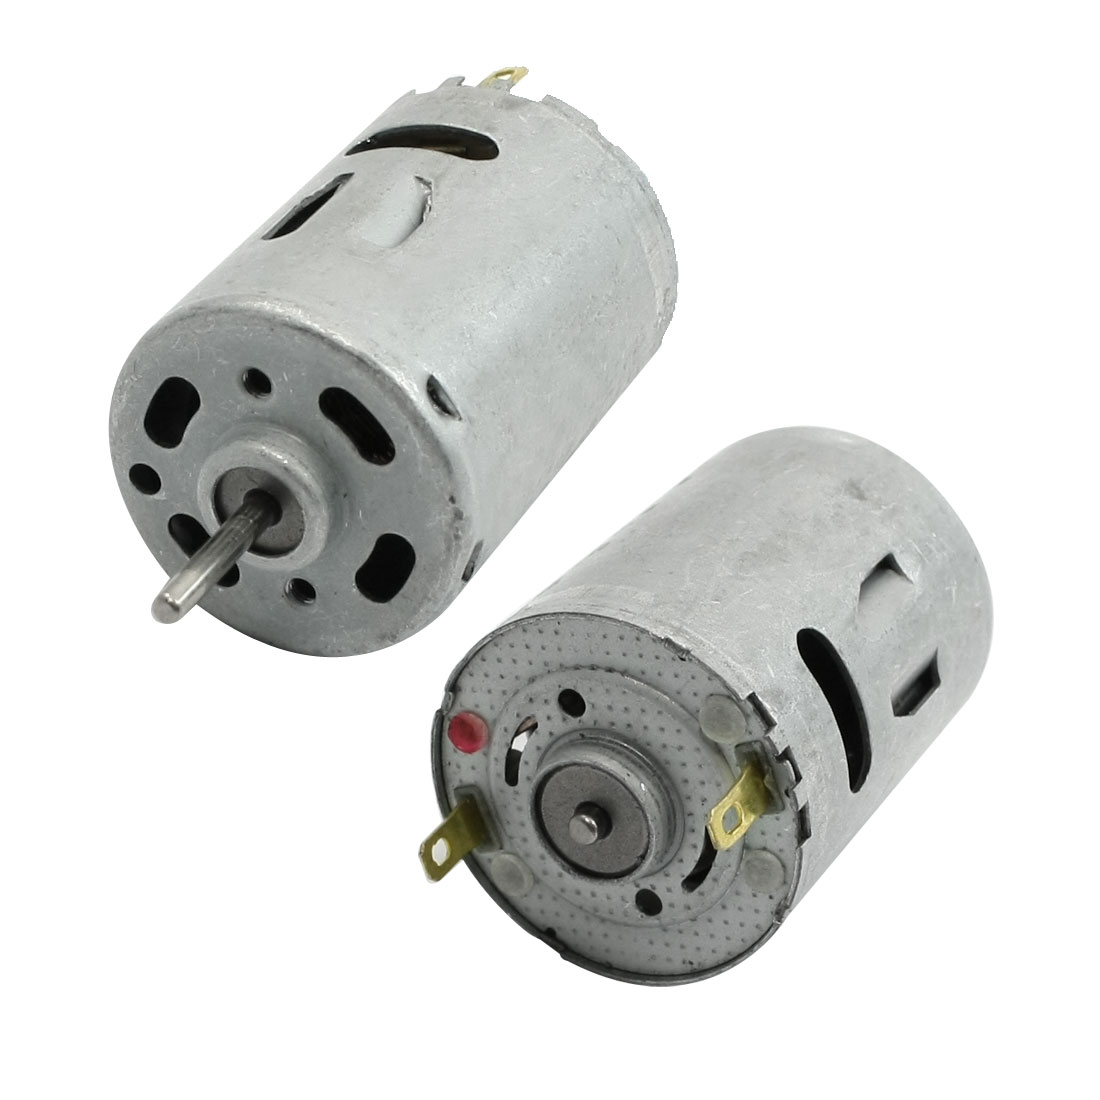 2 Pcs 6V DC 12000RPM 2Terminals Connector 28mm Dia. Mini Motor Replacement